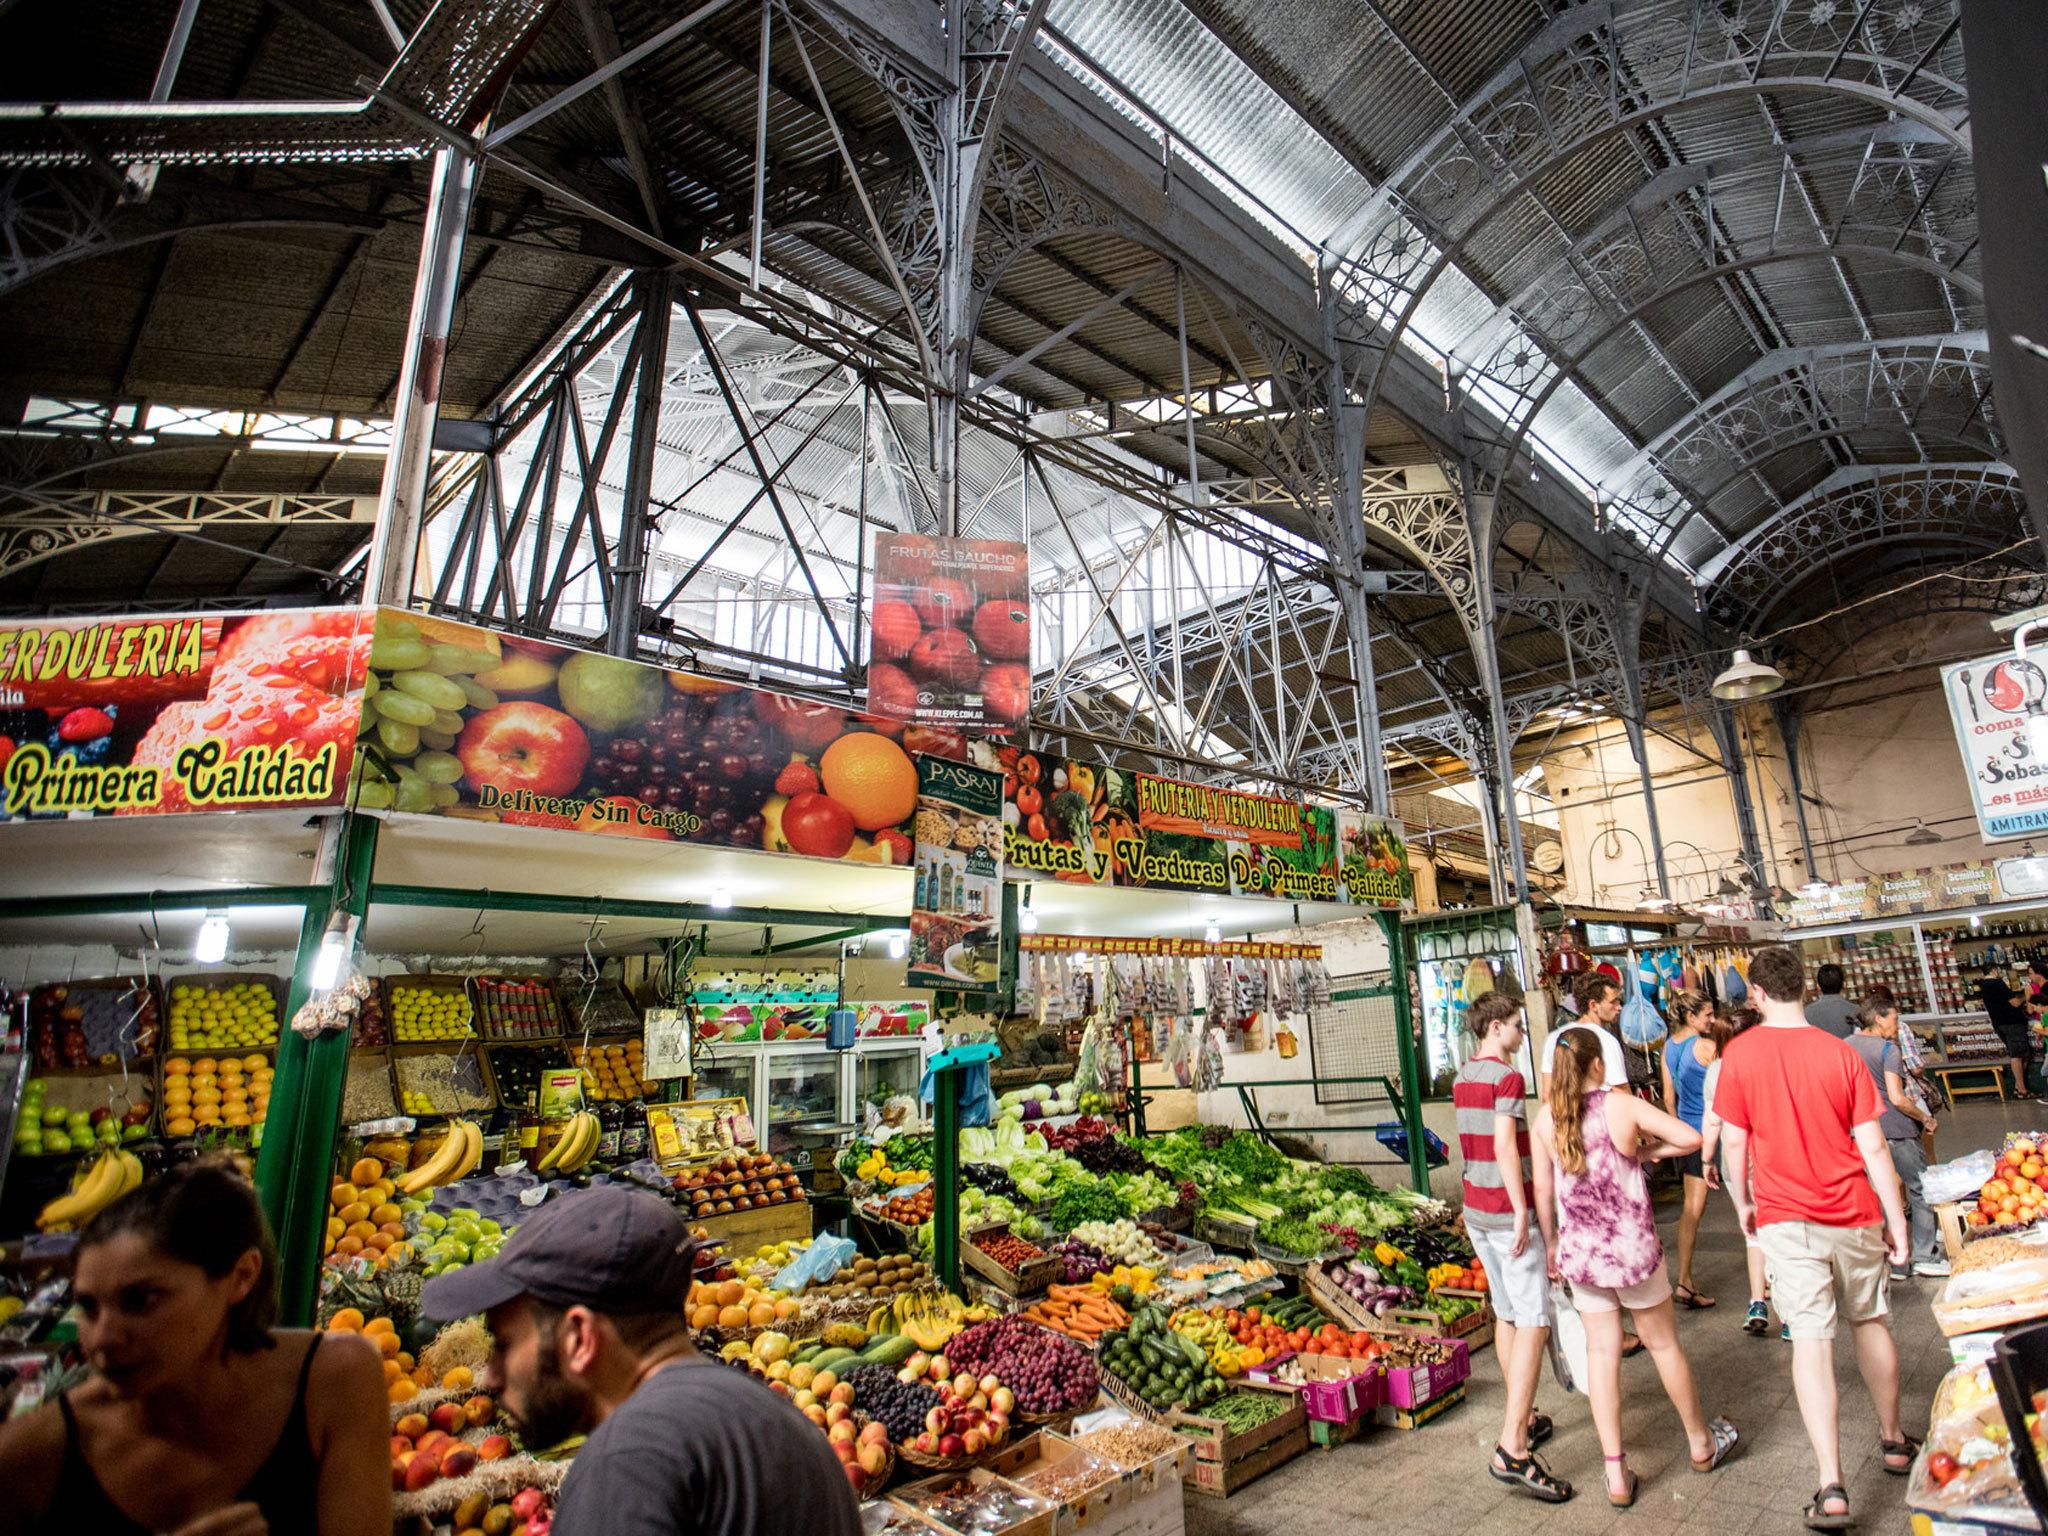 Mercado de San Telmo - Buenos Aires - Argentina